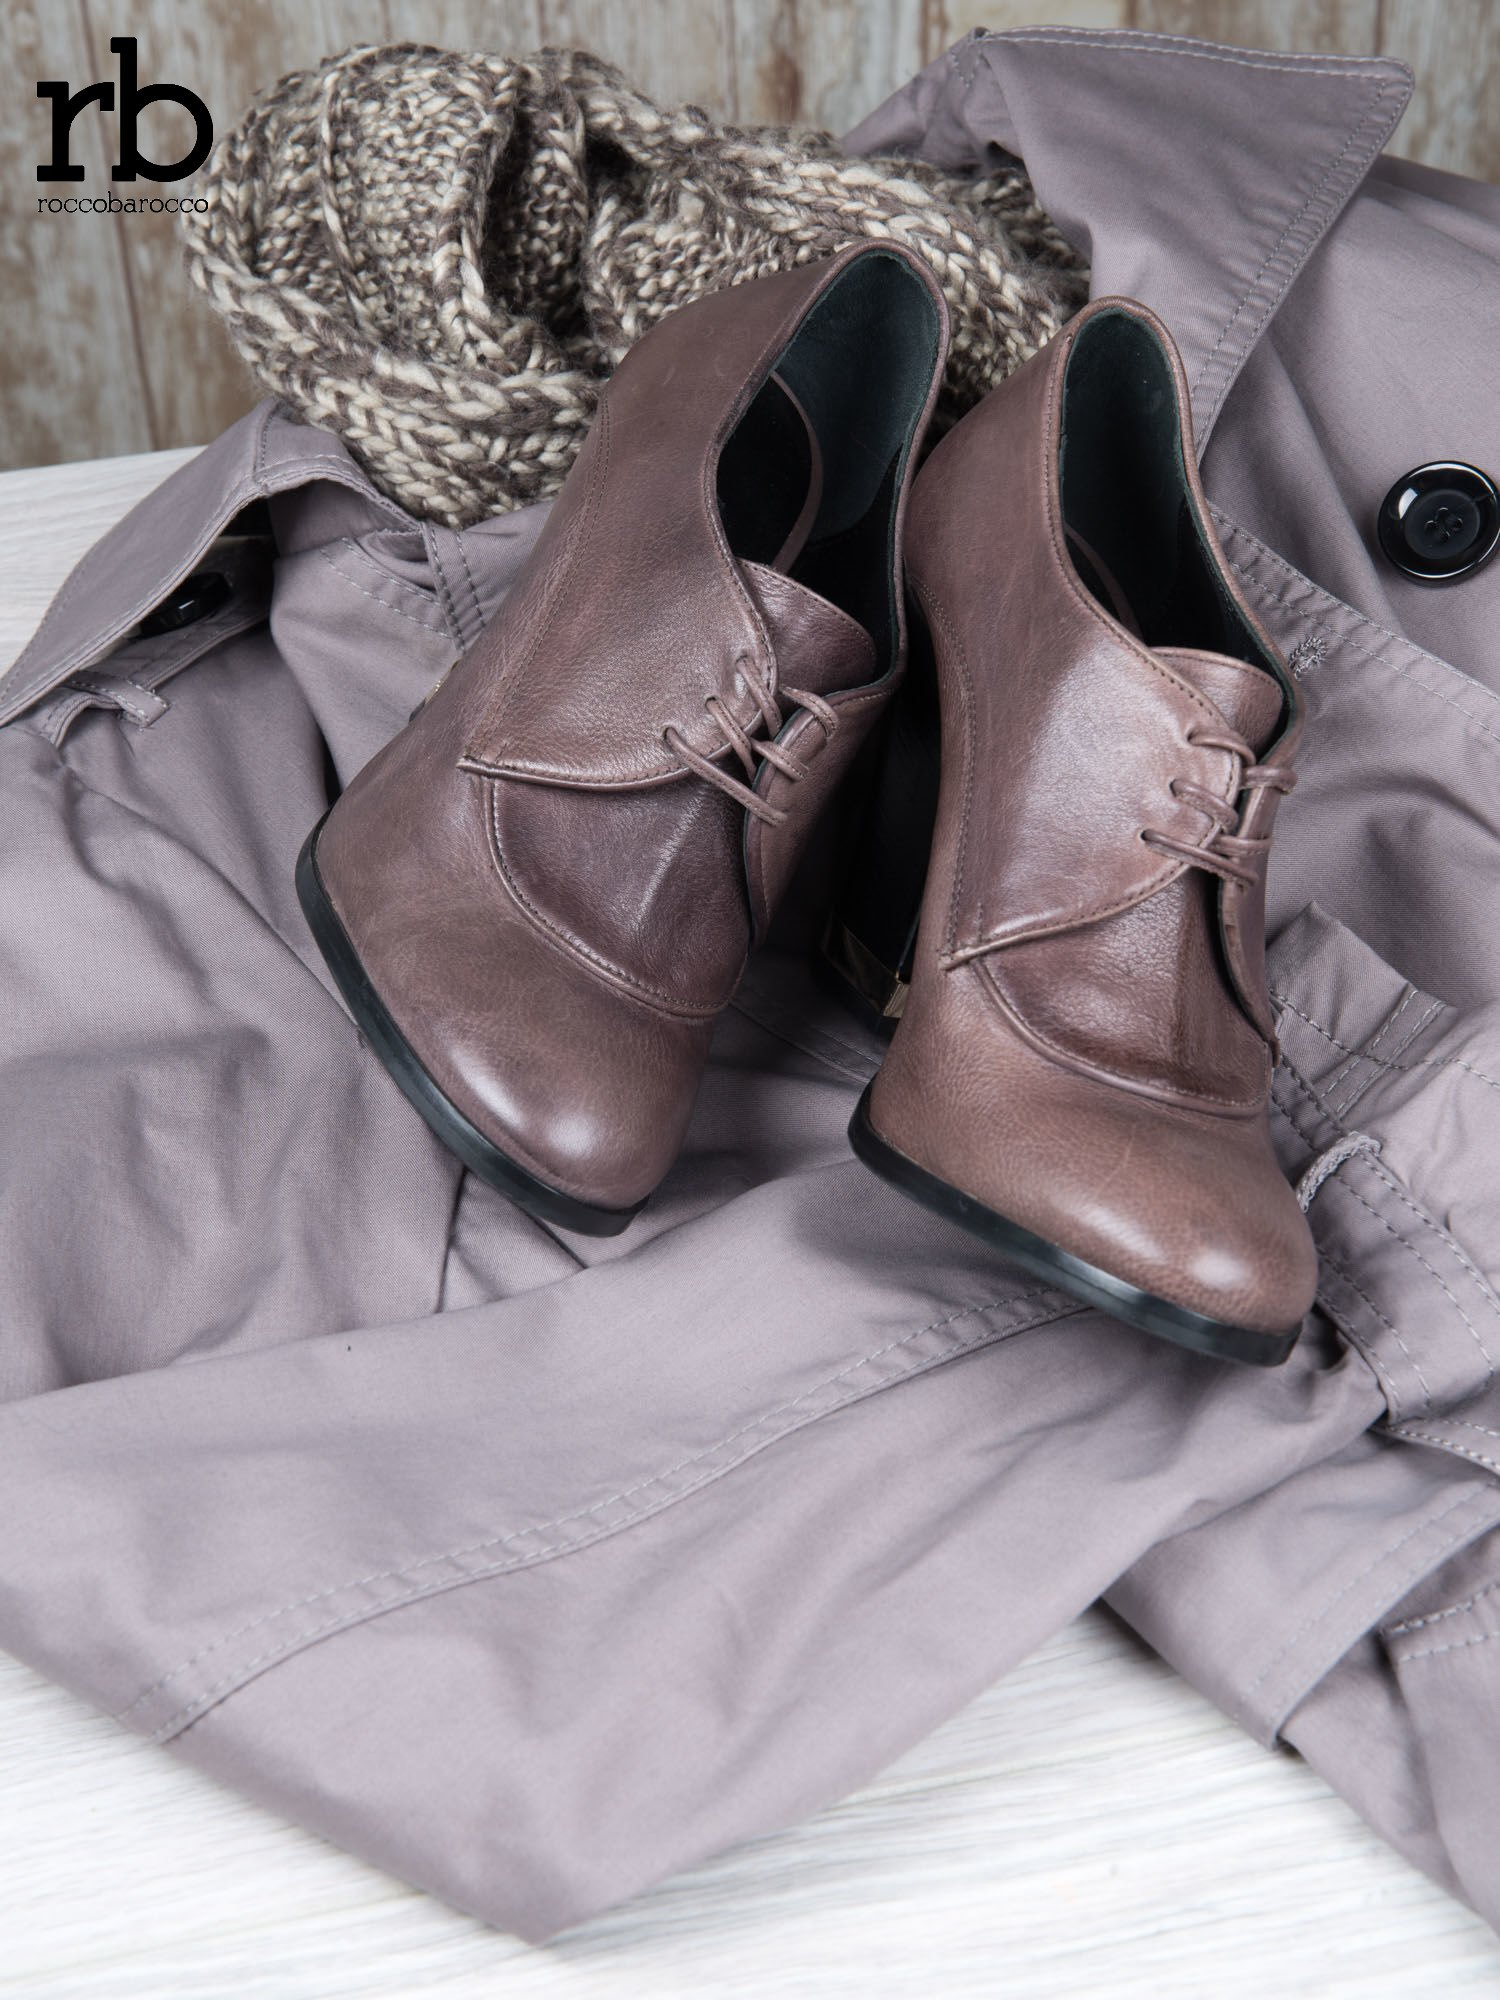 ROCCOBAROCCO Brązowe wiązane botki genuine leather skórzane oxfordki                                  zdj.                                  1